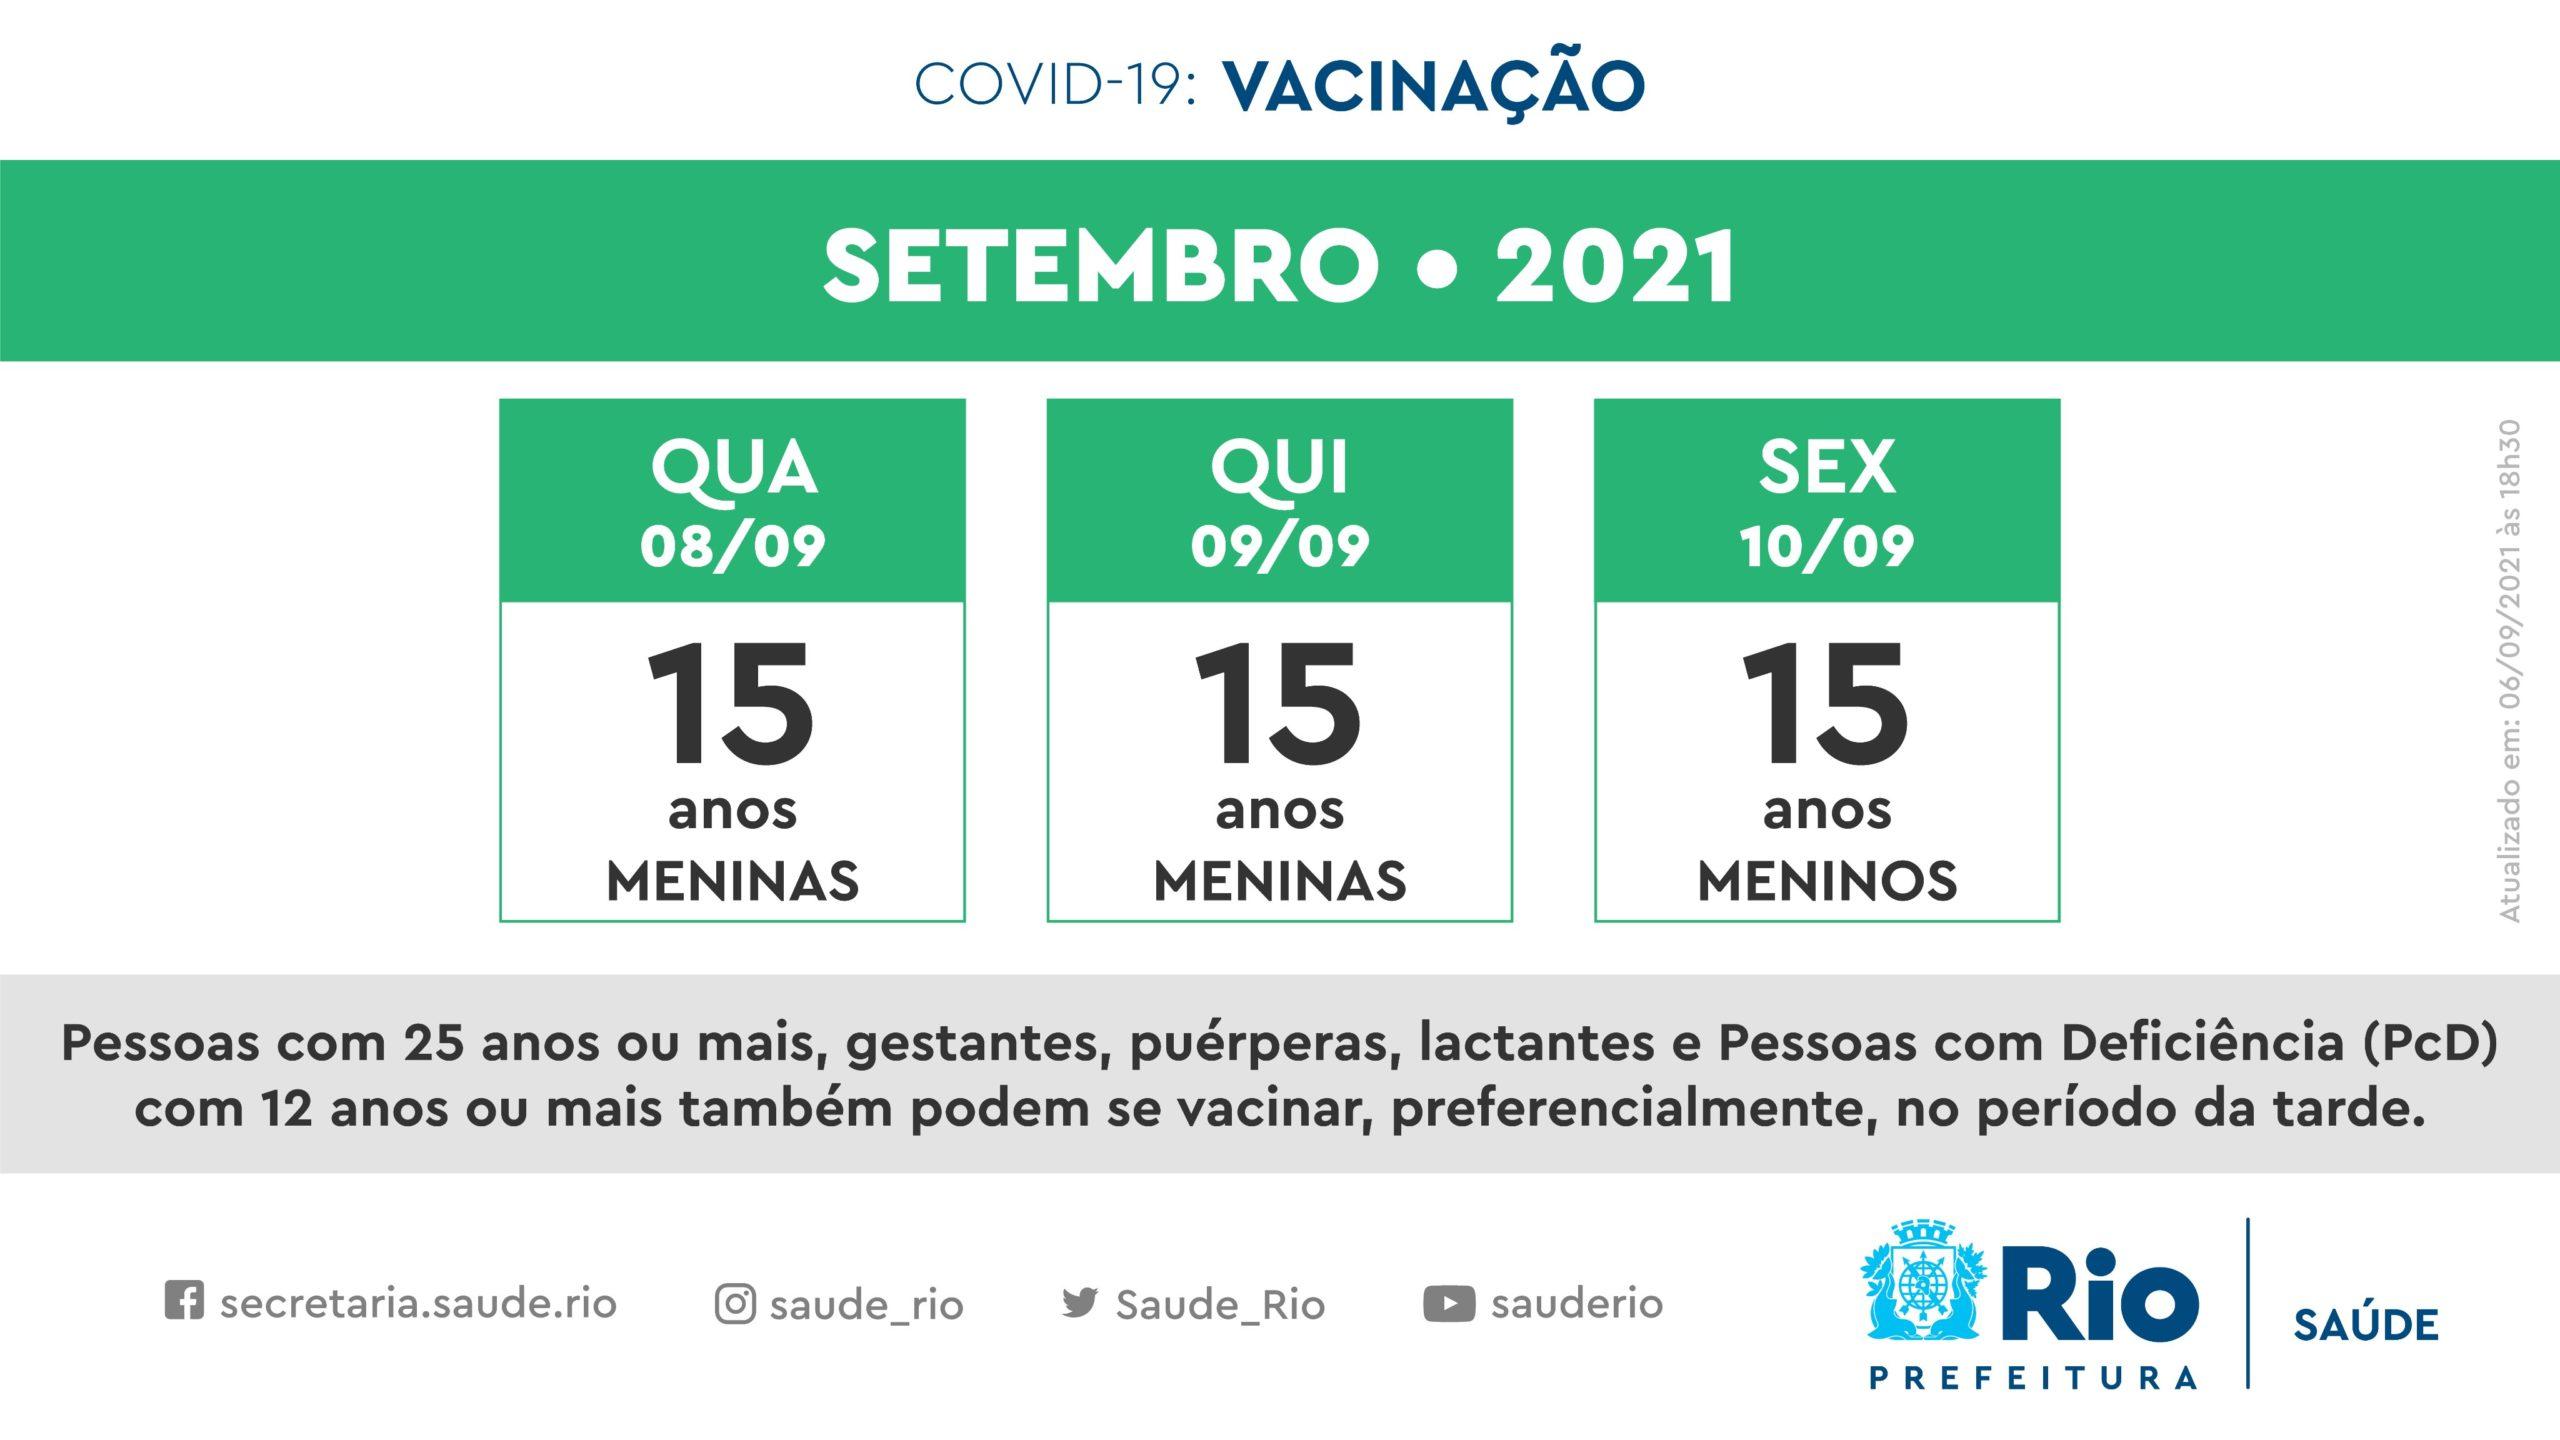 Novo calendário de vacinação contra Covid para adolescentes